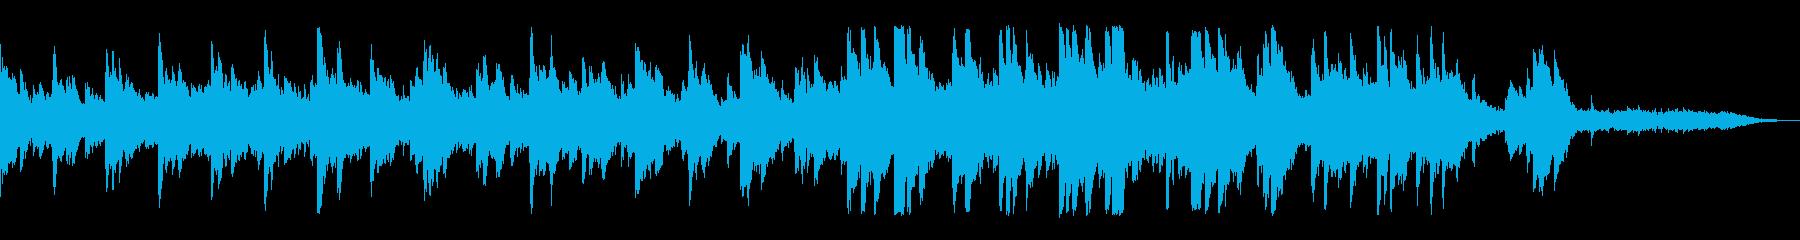 マリンバ&ソフトピアノ優しいコーポレートの再生済みの波形